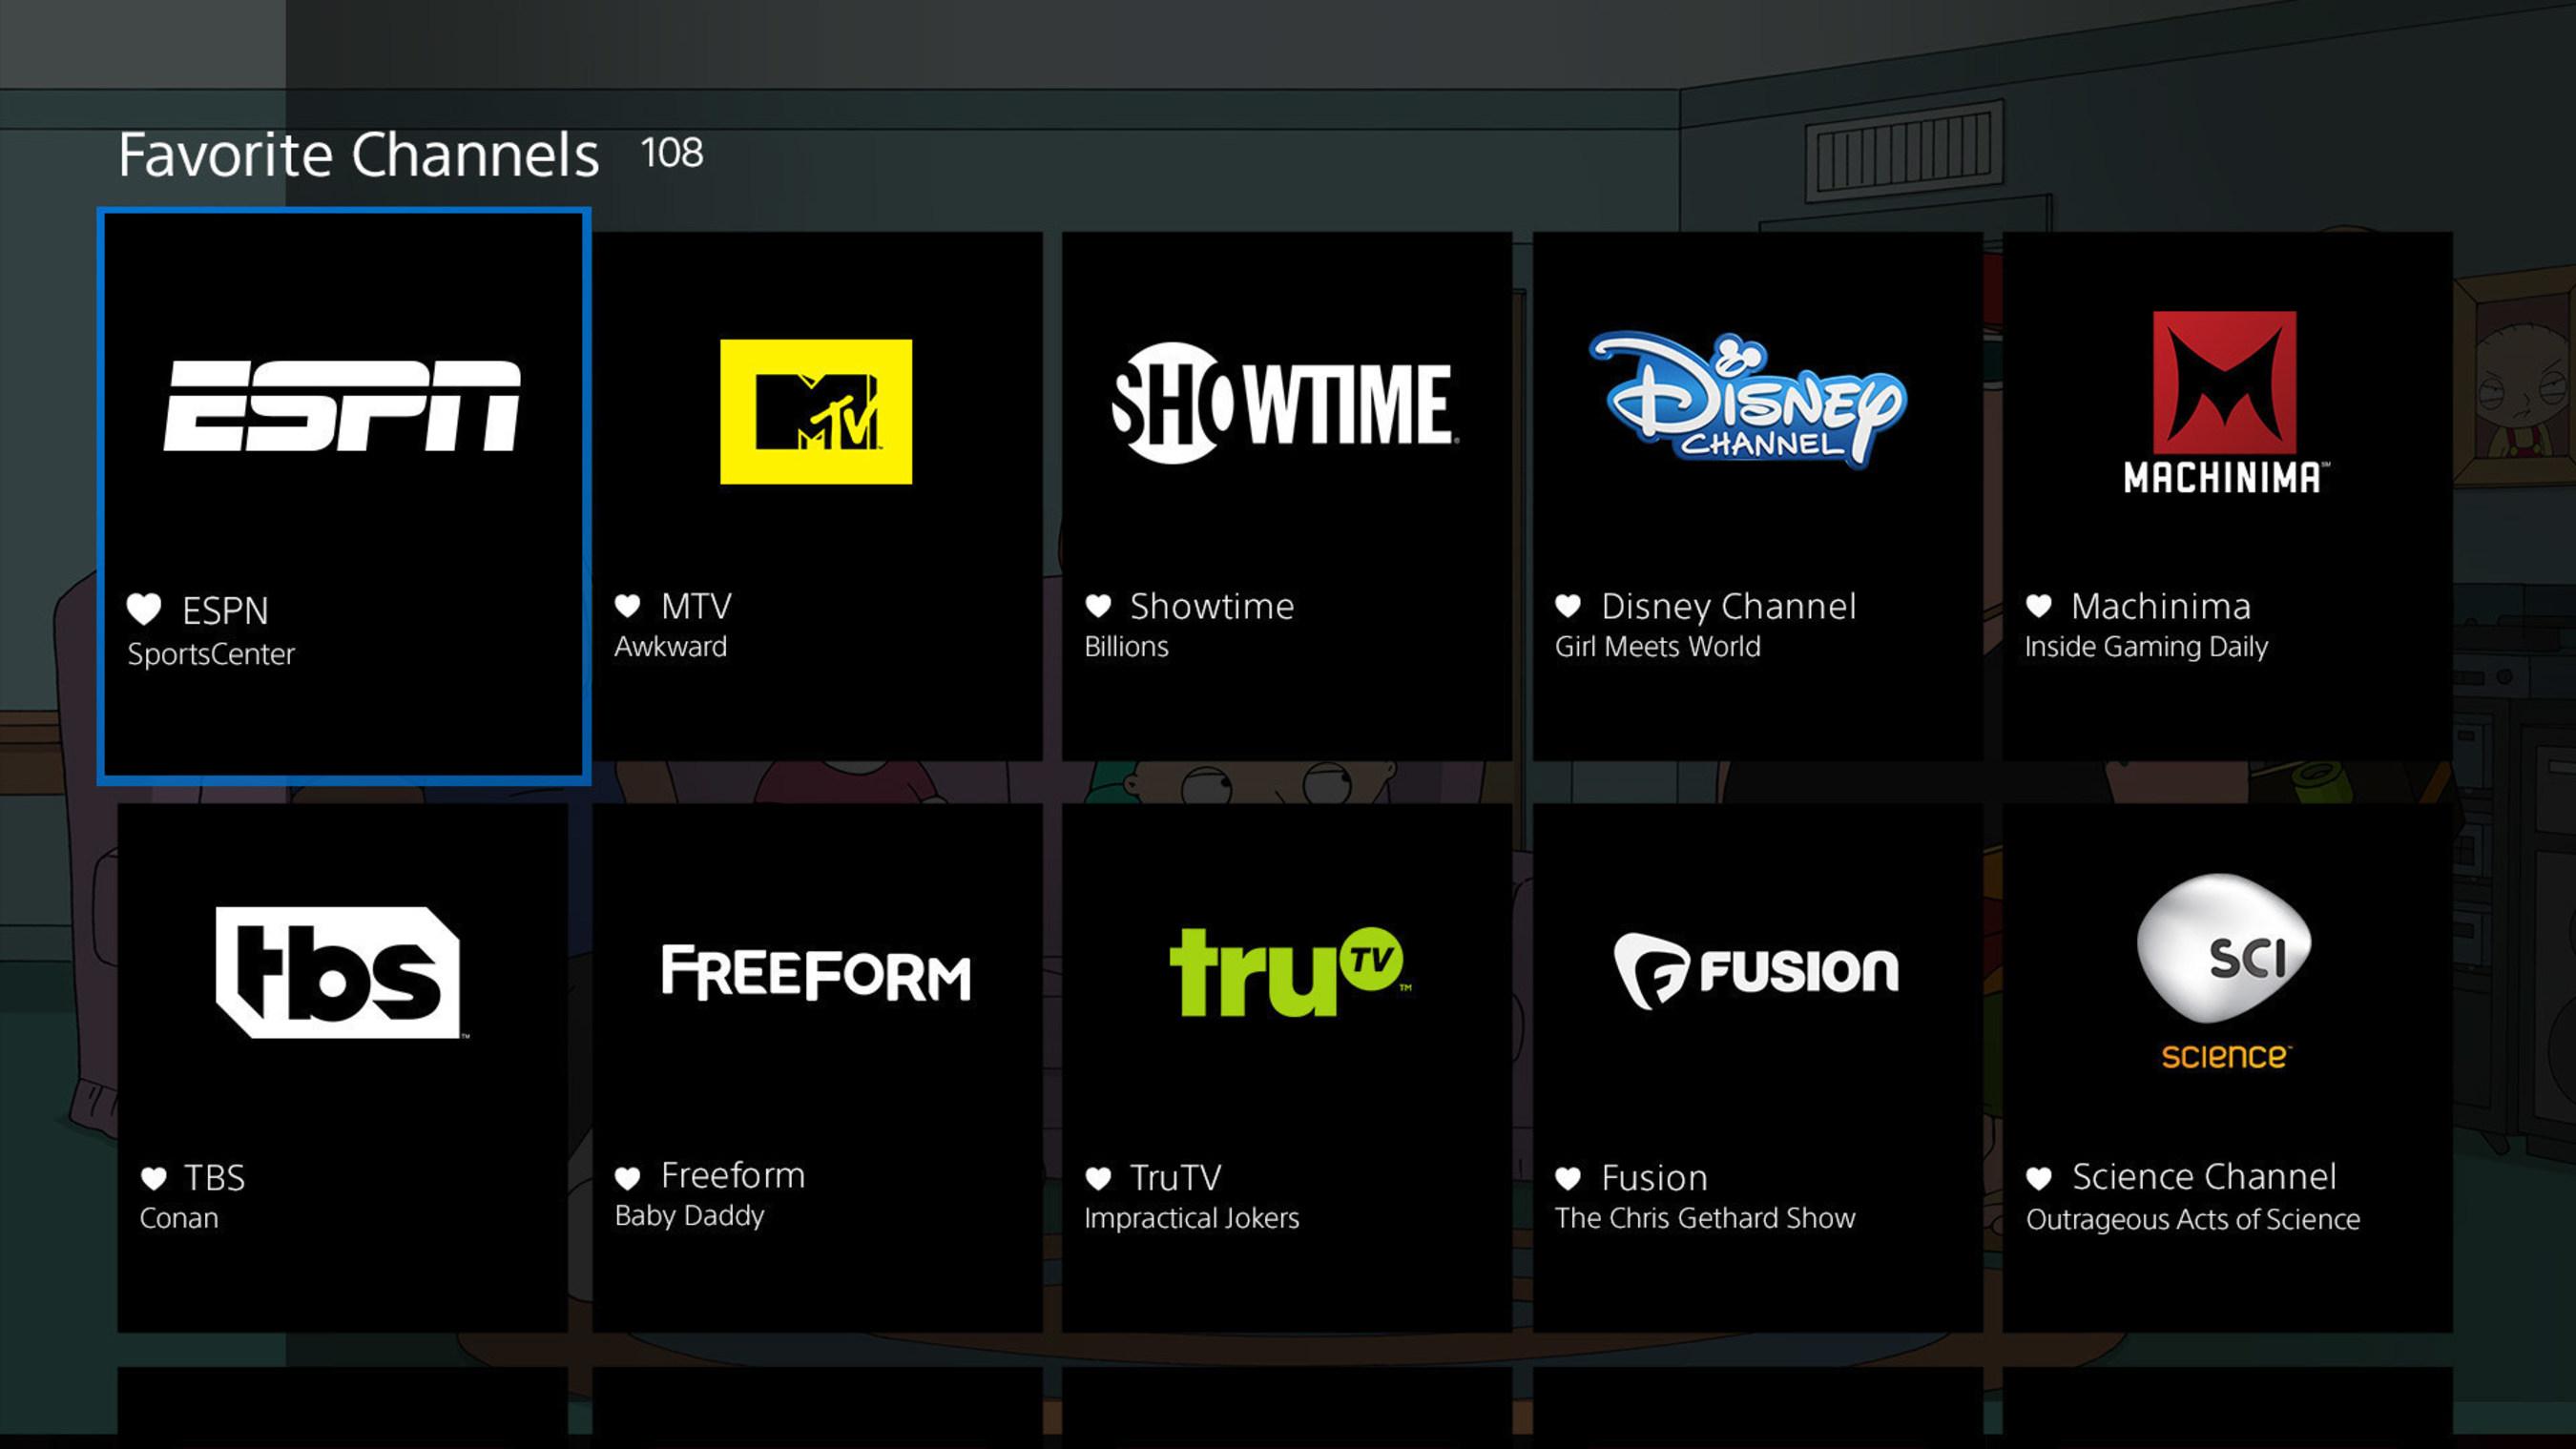 PlayStation(TM)Vue Internet-Based Live TV Service Expands Nationwide